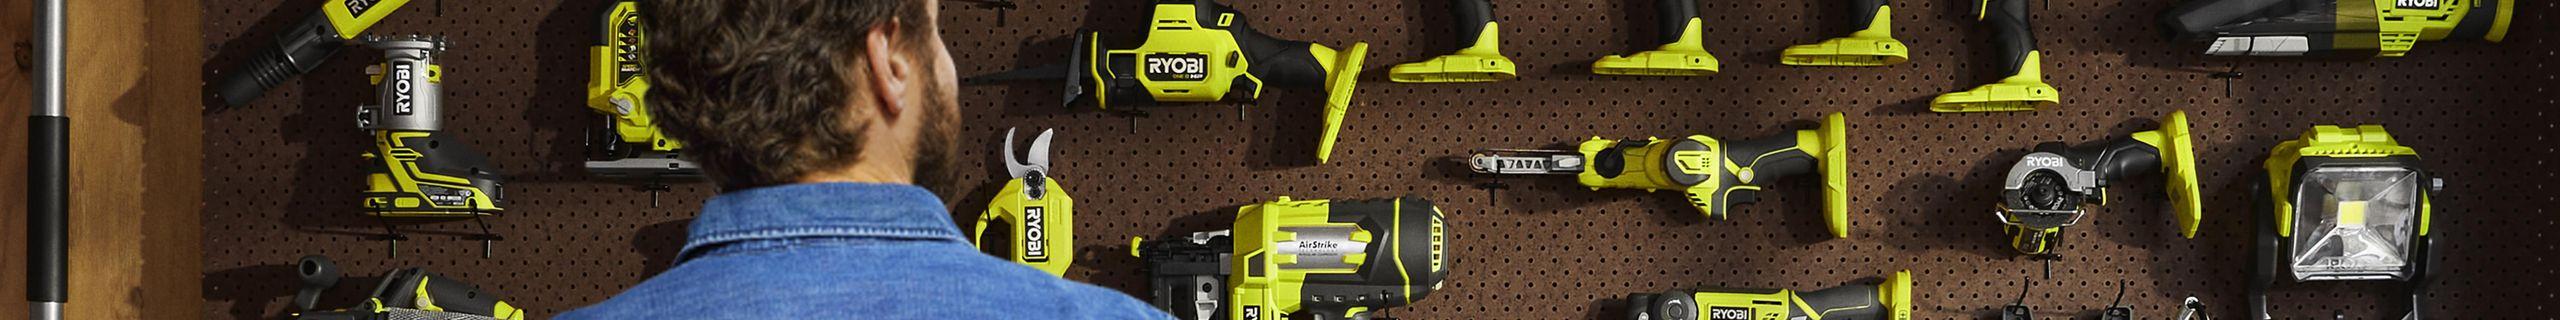 Man looking at power tools